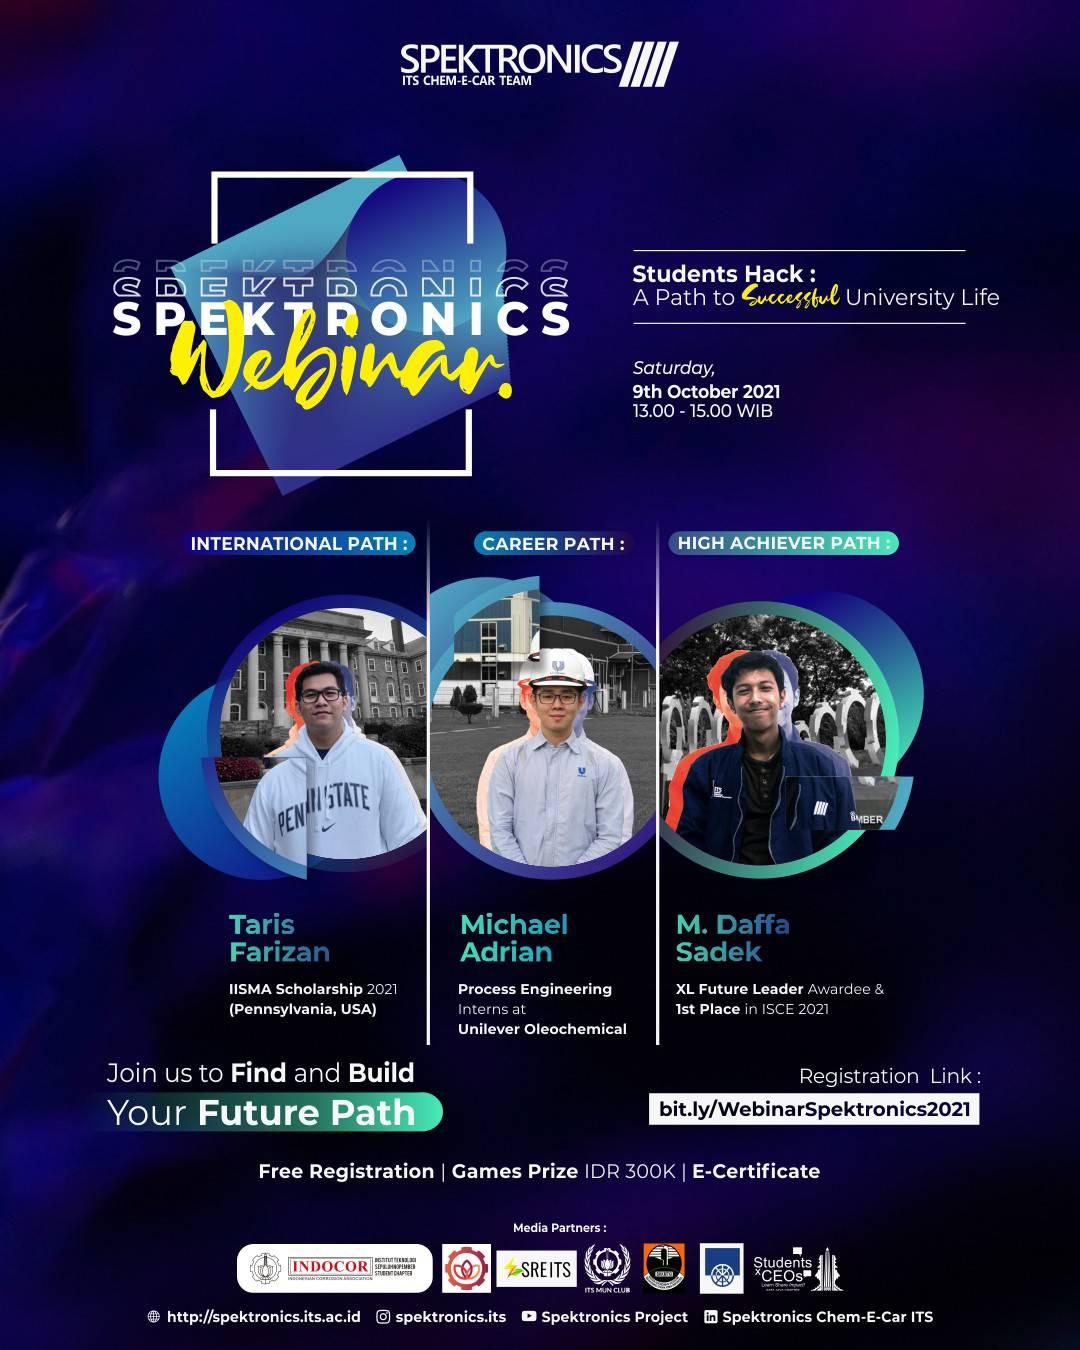 Spectronics Webinar 2021